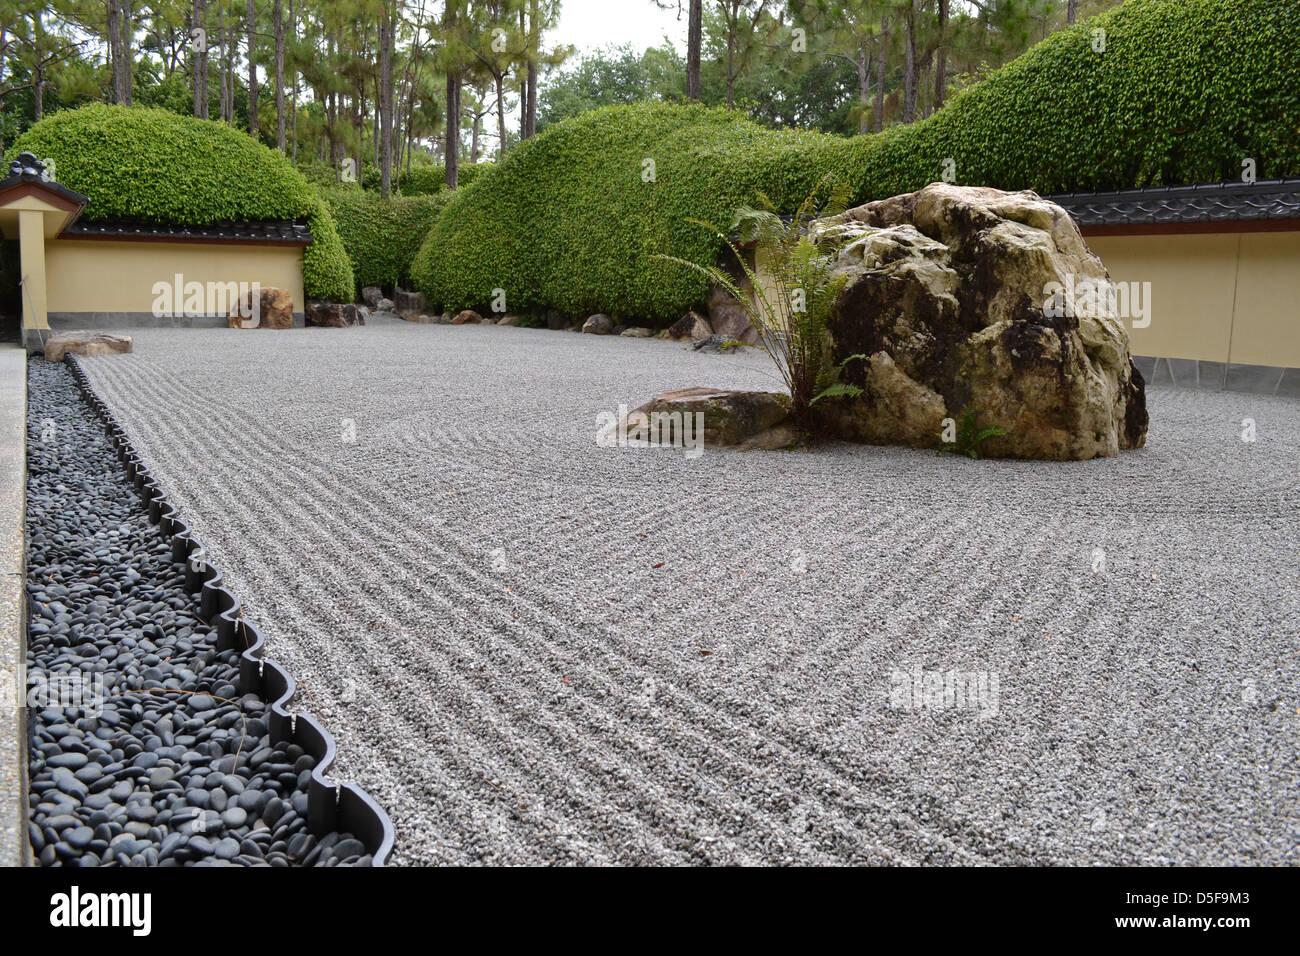 Giapponese giardino di pietra foto immagine stock  alamy